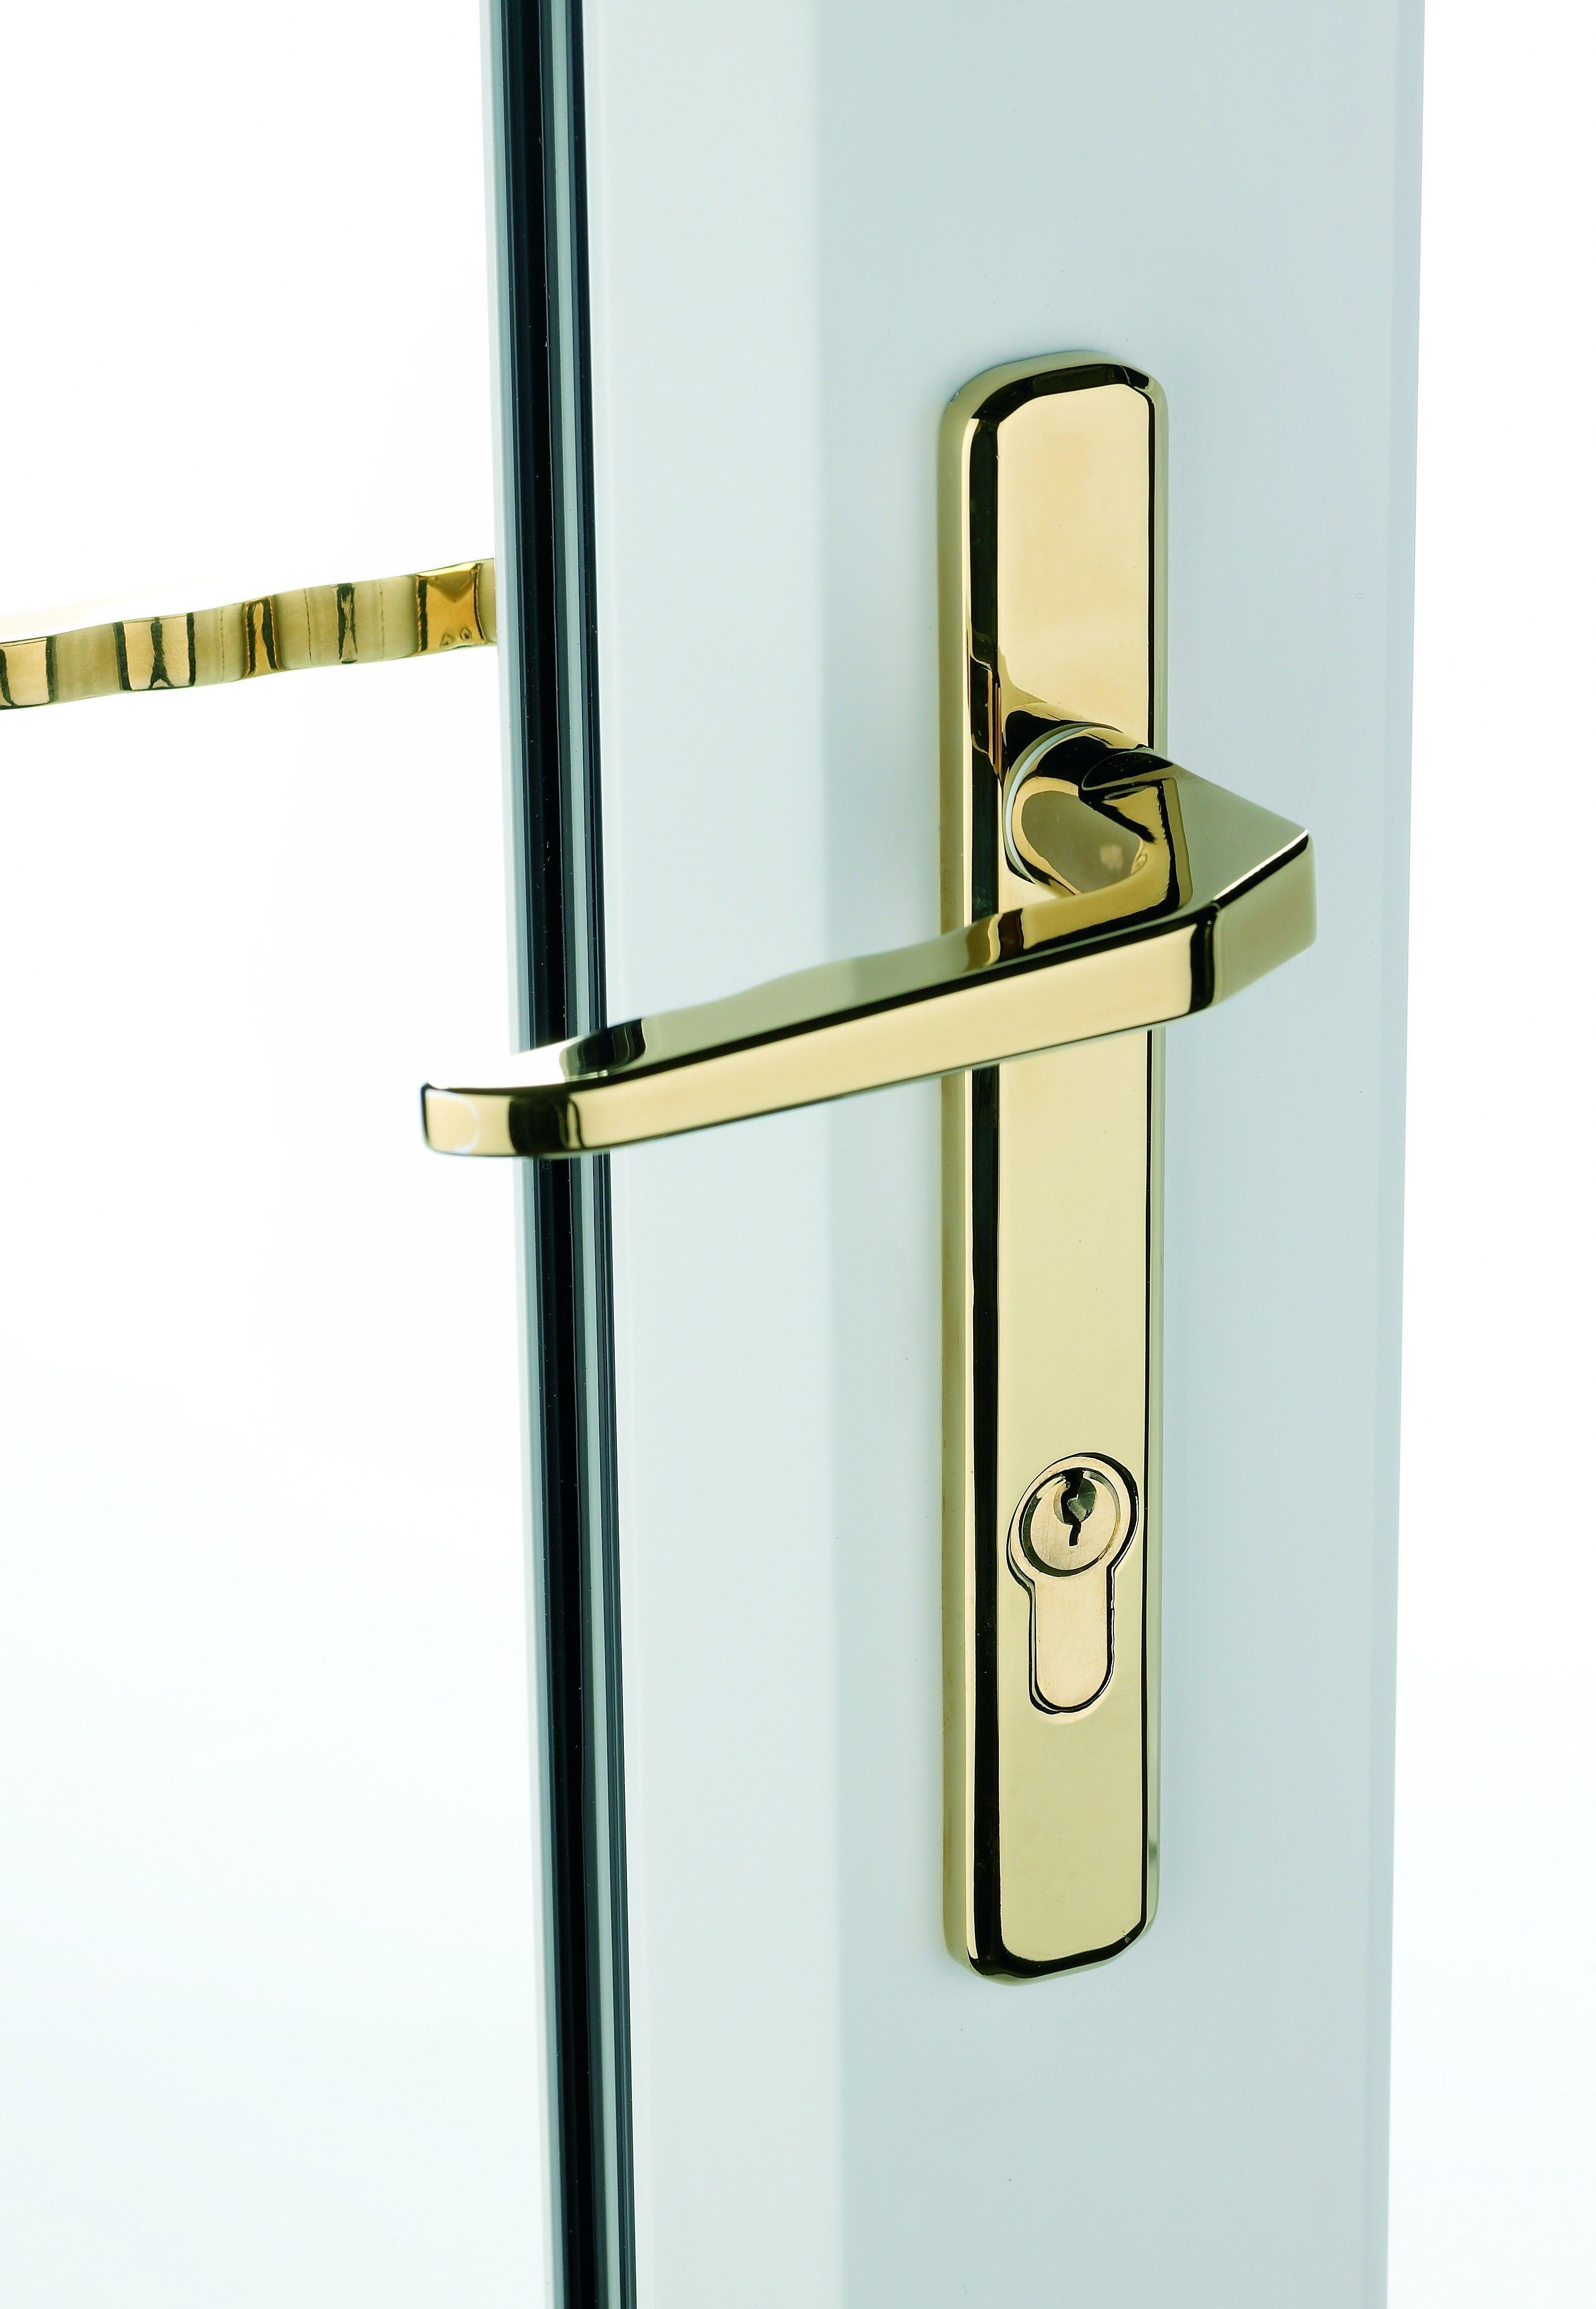 Door Knob Spindle Stuck  sc 1 st  Pinterest & Door Knob Spindle Stuck | http://retrocomputinggeek.com ... pezcame.com